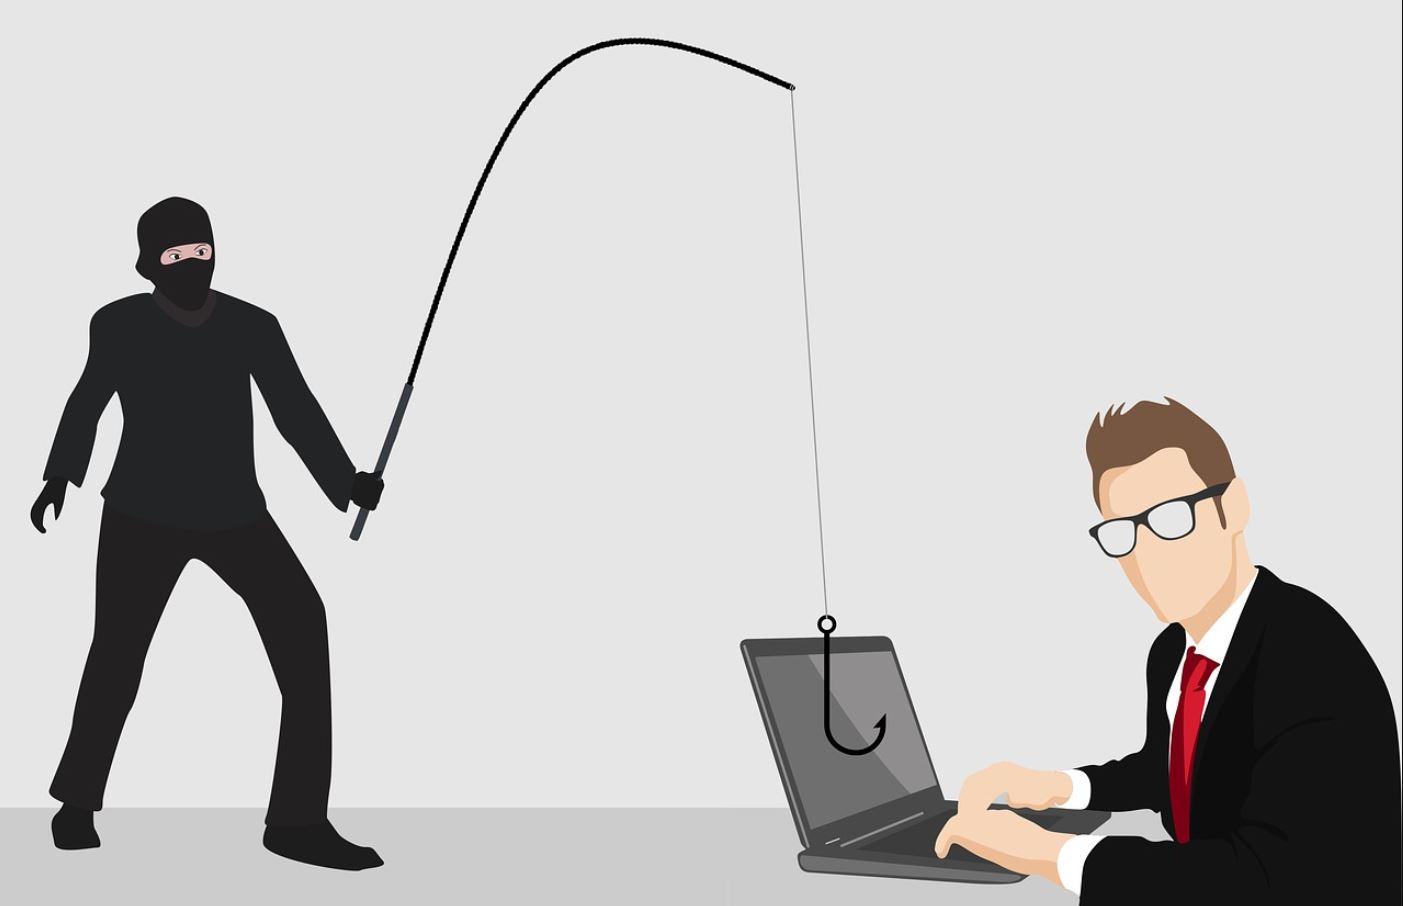 Online phishing scams avoid them